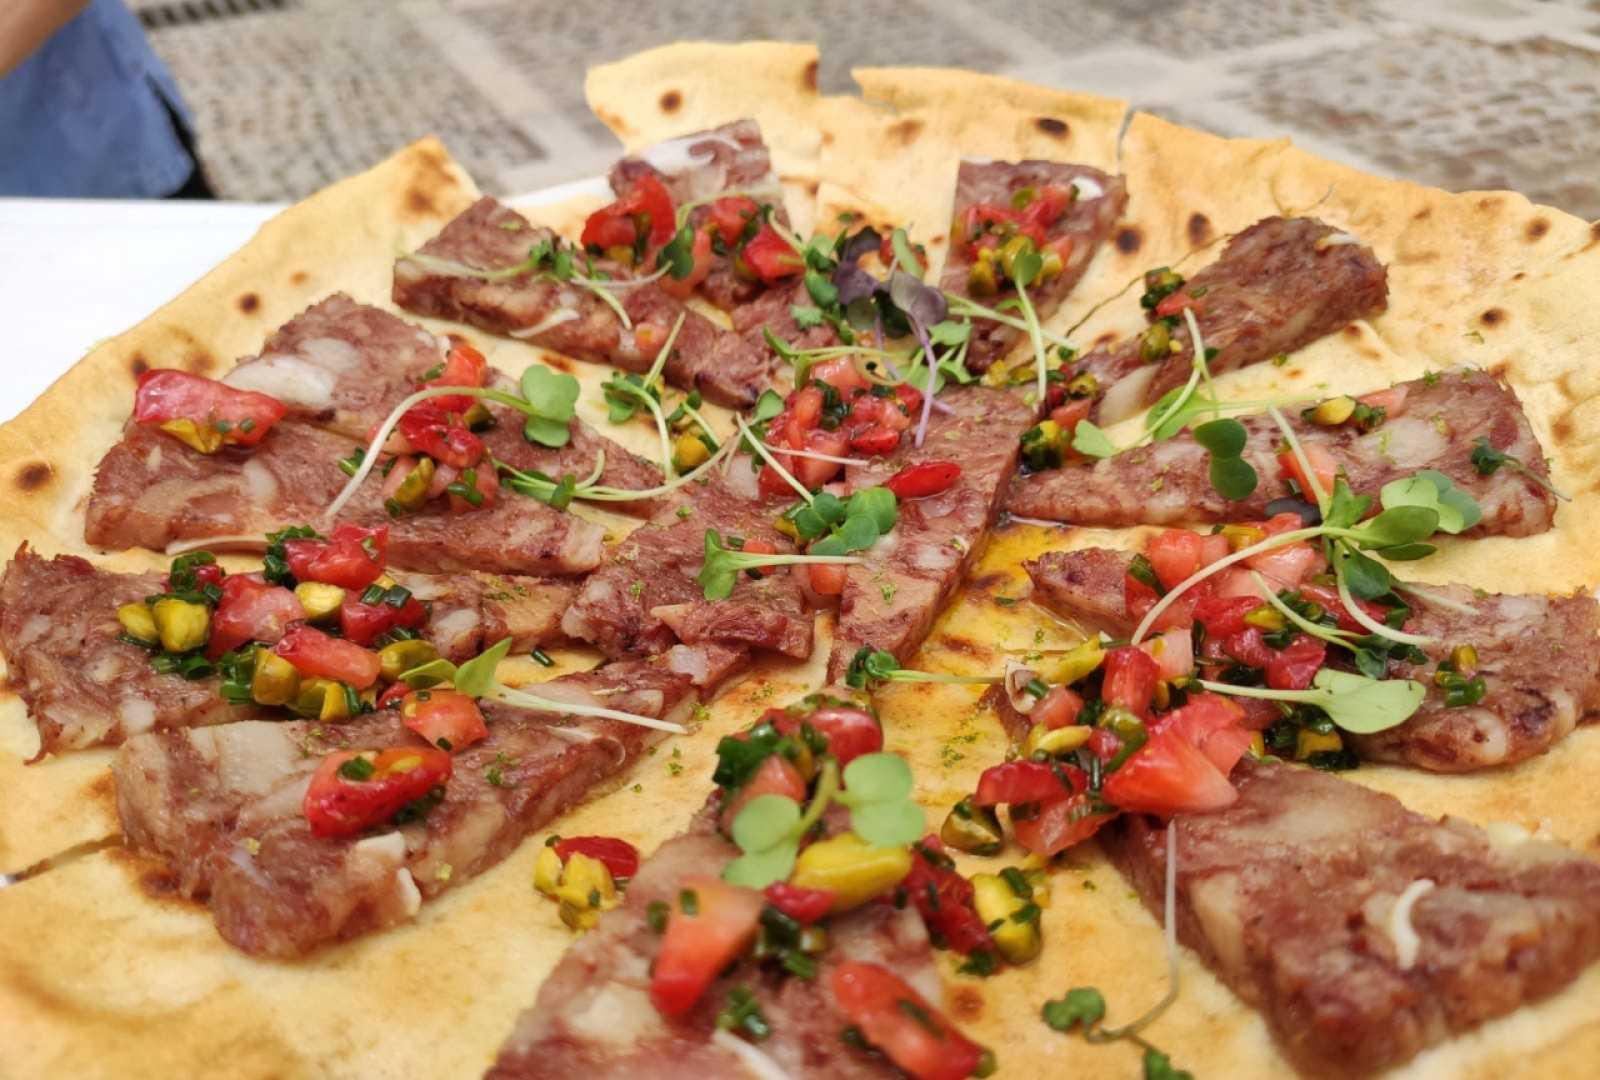 Receta veraniega: torta de chicharrones con vinagreta de fresas y pistachos